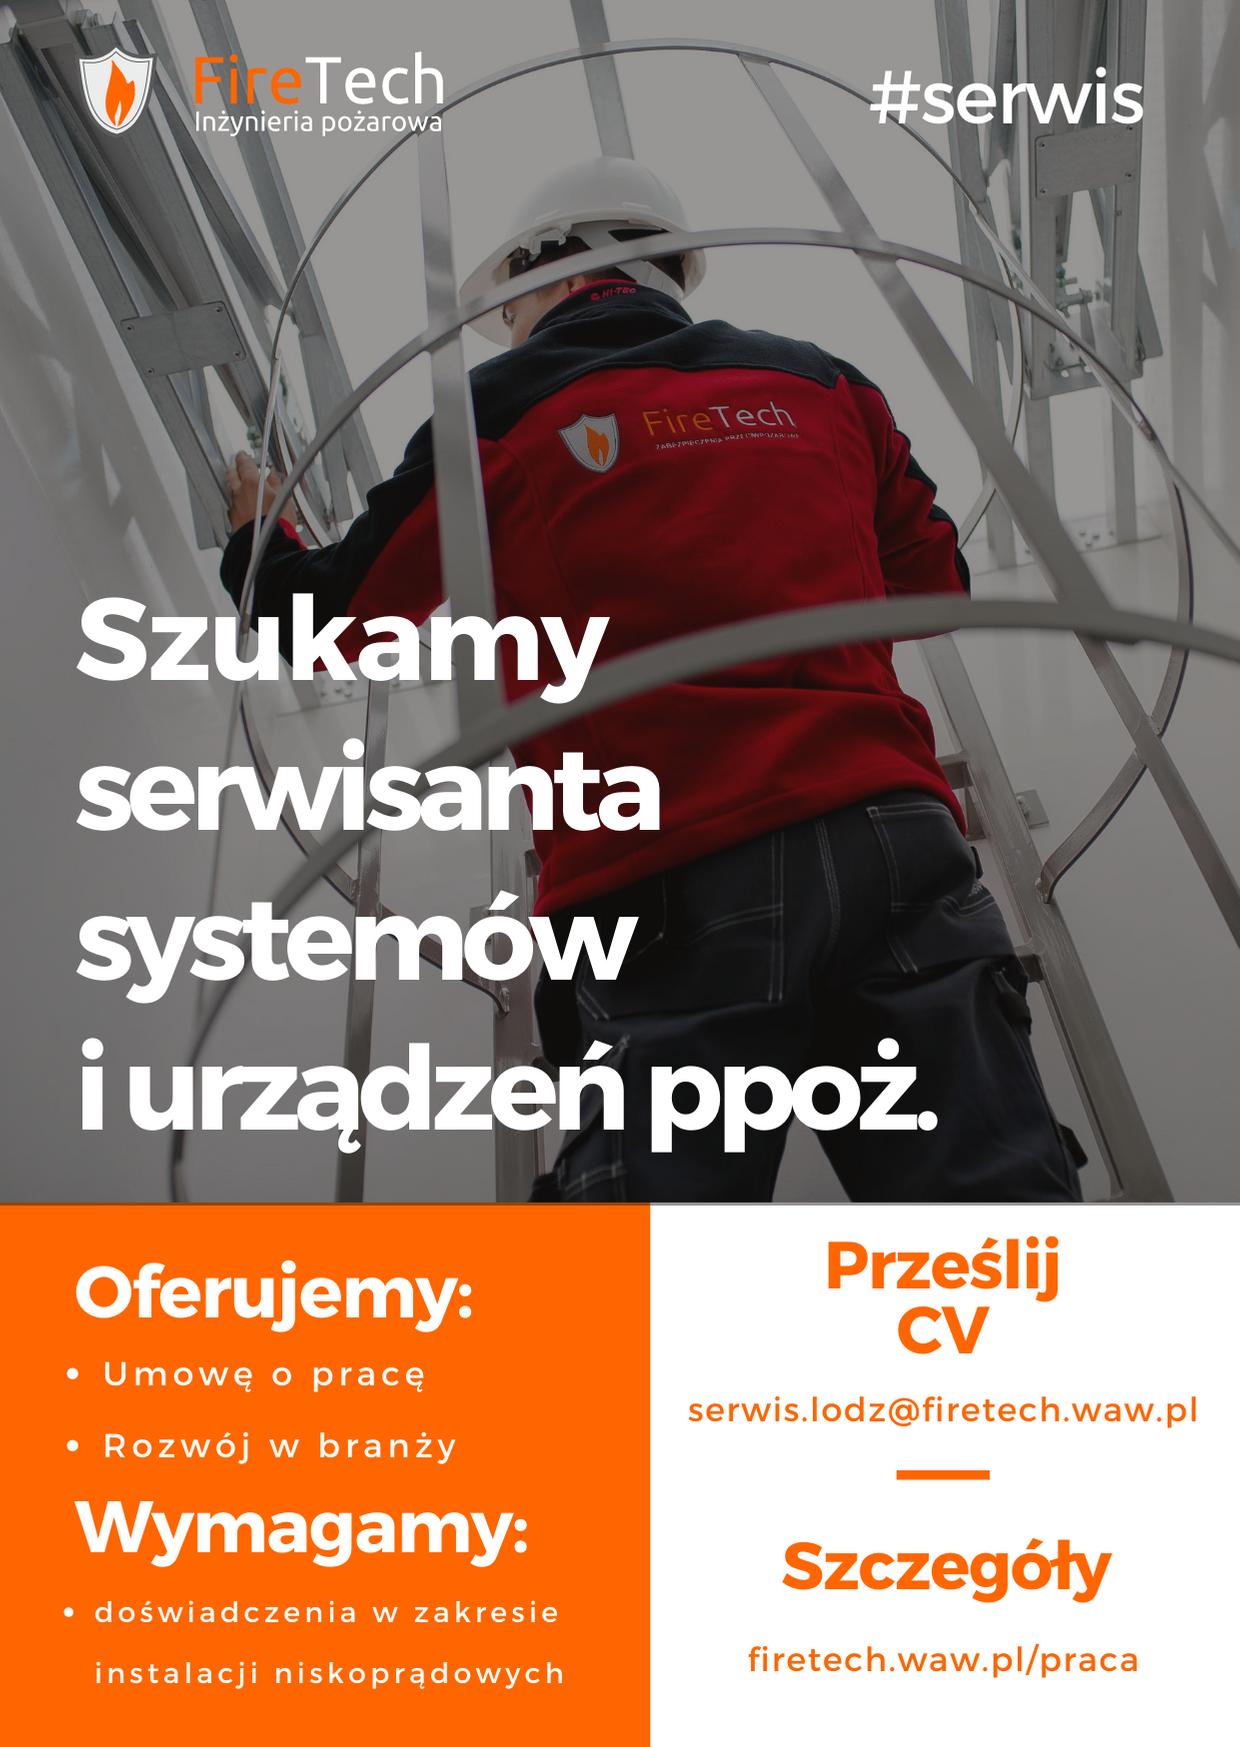 Praca w serwisie ppoż. Łódź